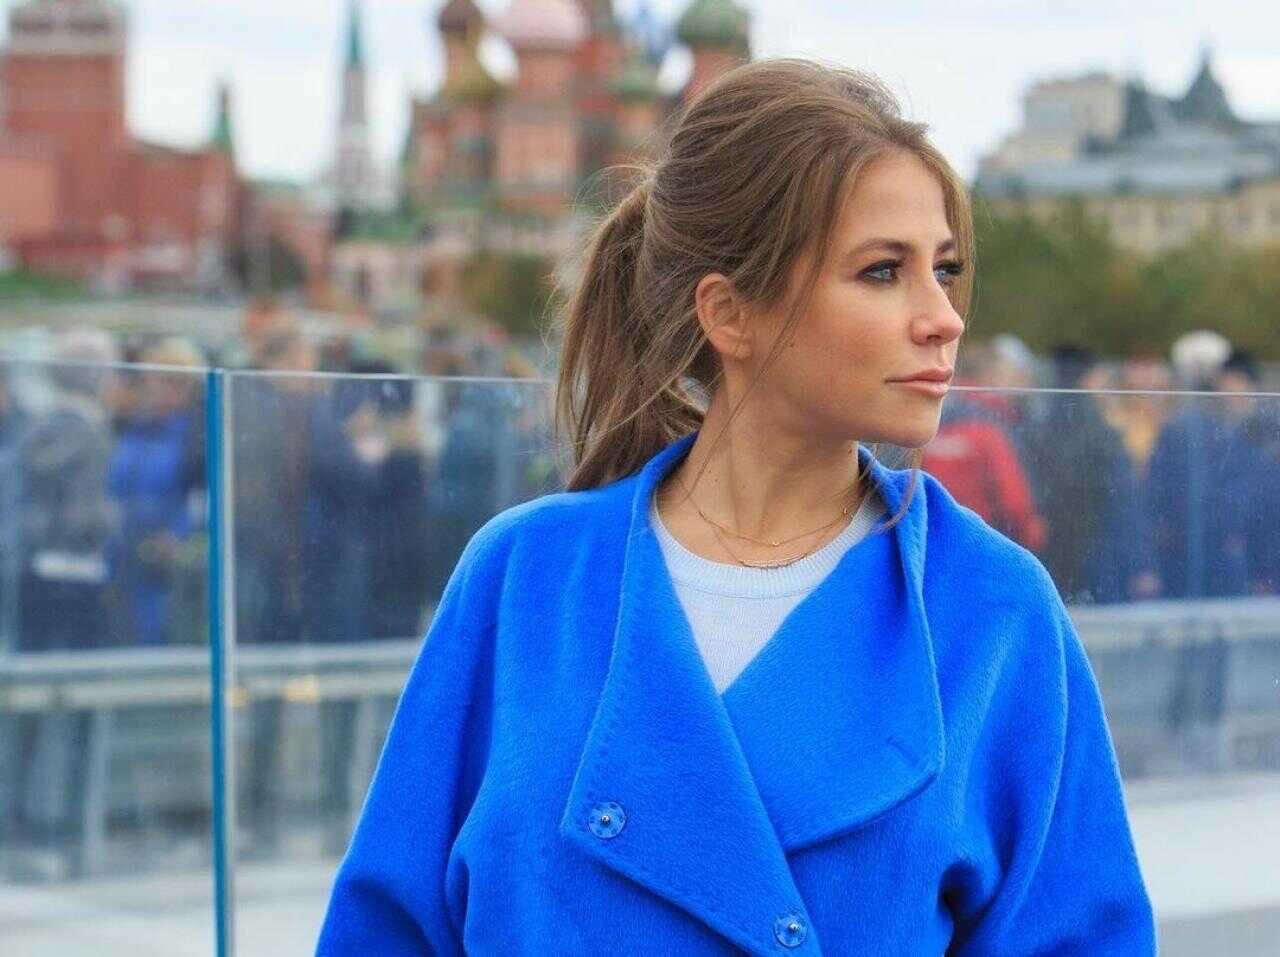 Поклонники не оценили новый имидж Юлии Барановской